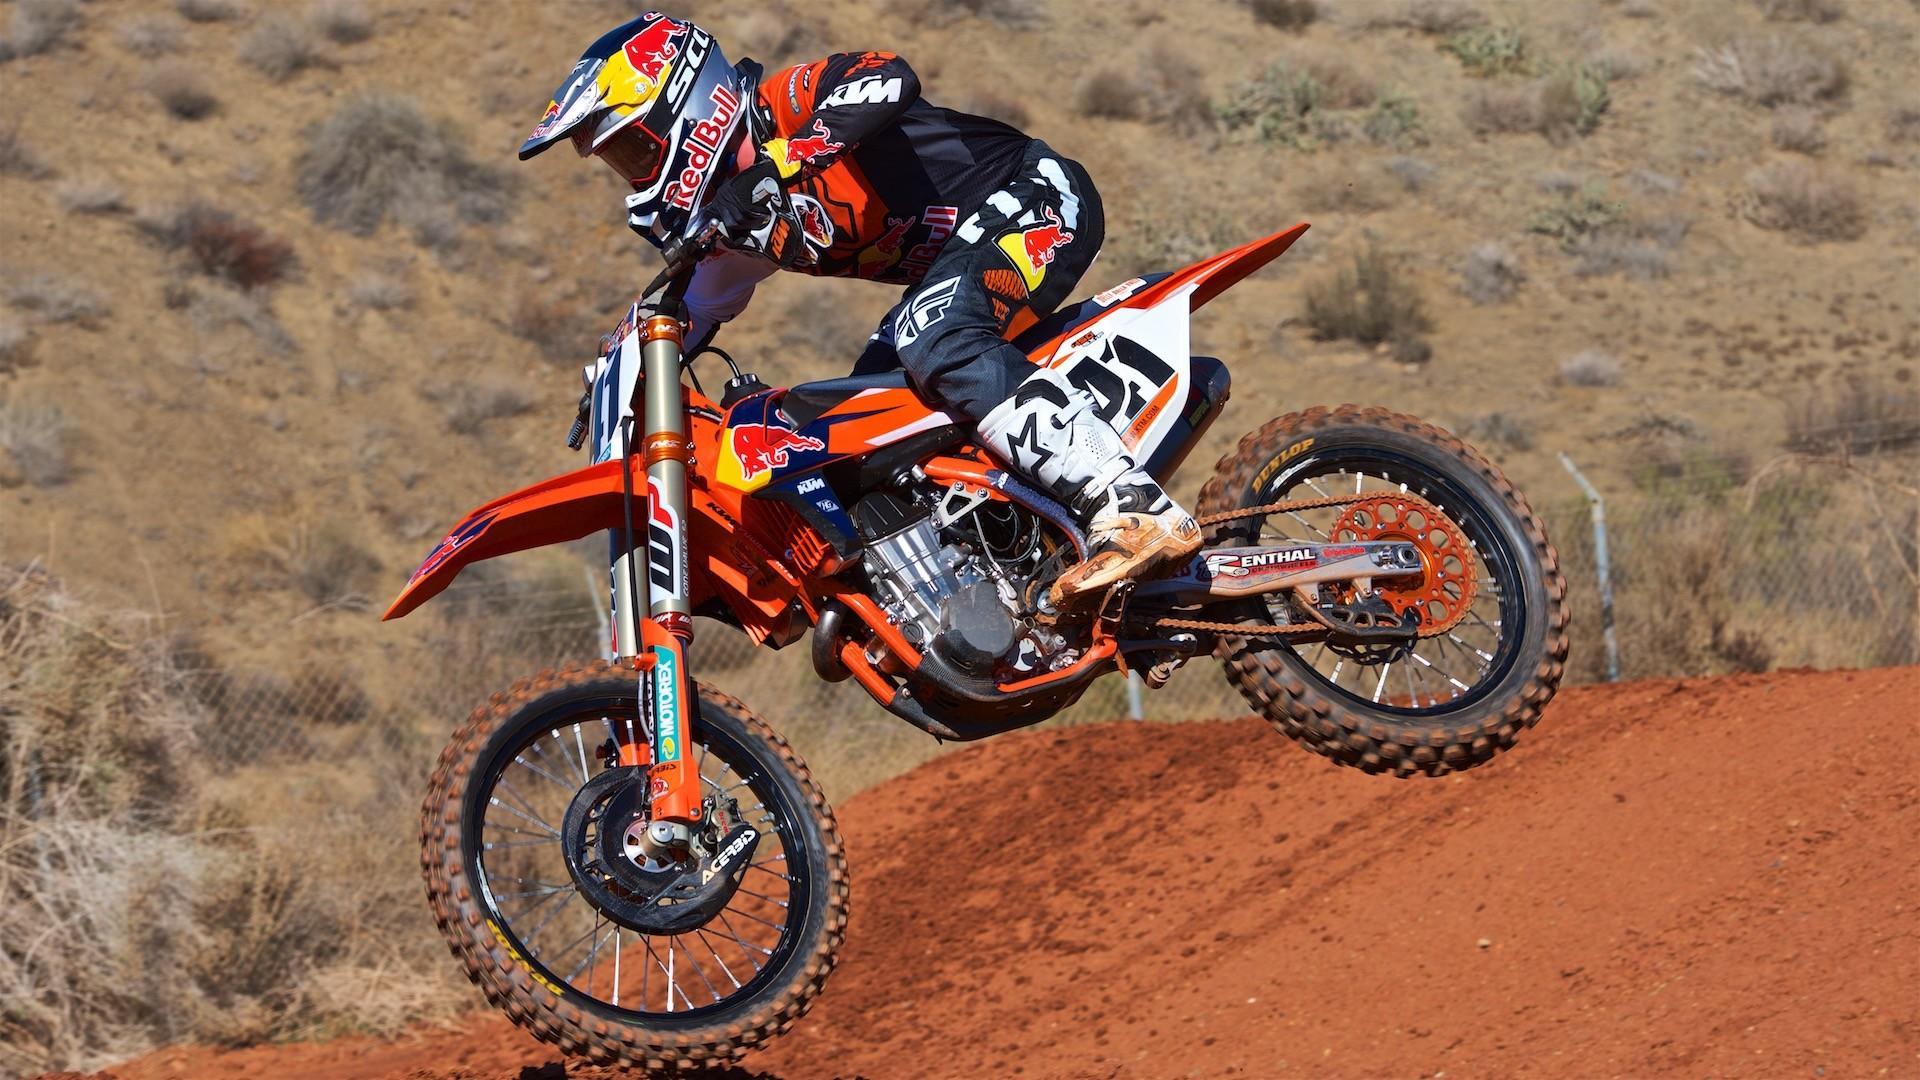 Motocross Wallpaper: Wallpaper Motocross Ktm ·① WallpaperTag